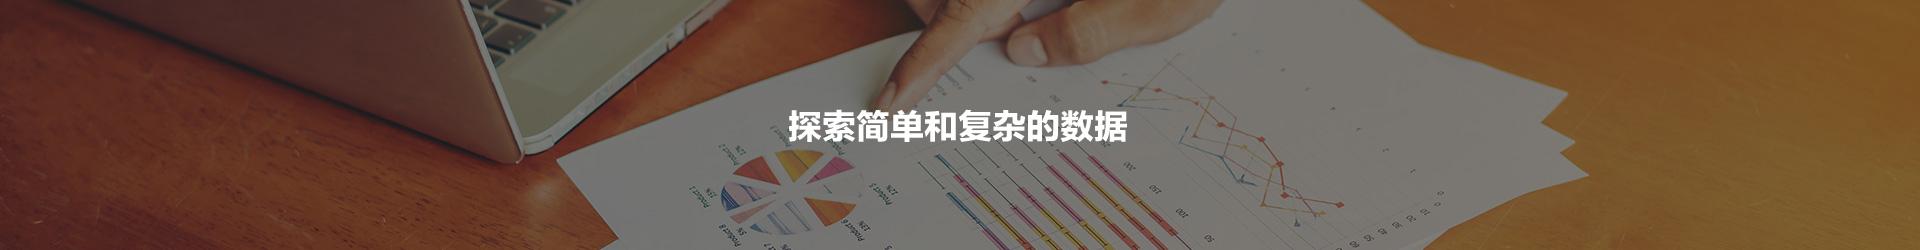 解决方案_山东普邦信息技术有限公司官方网站